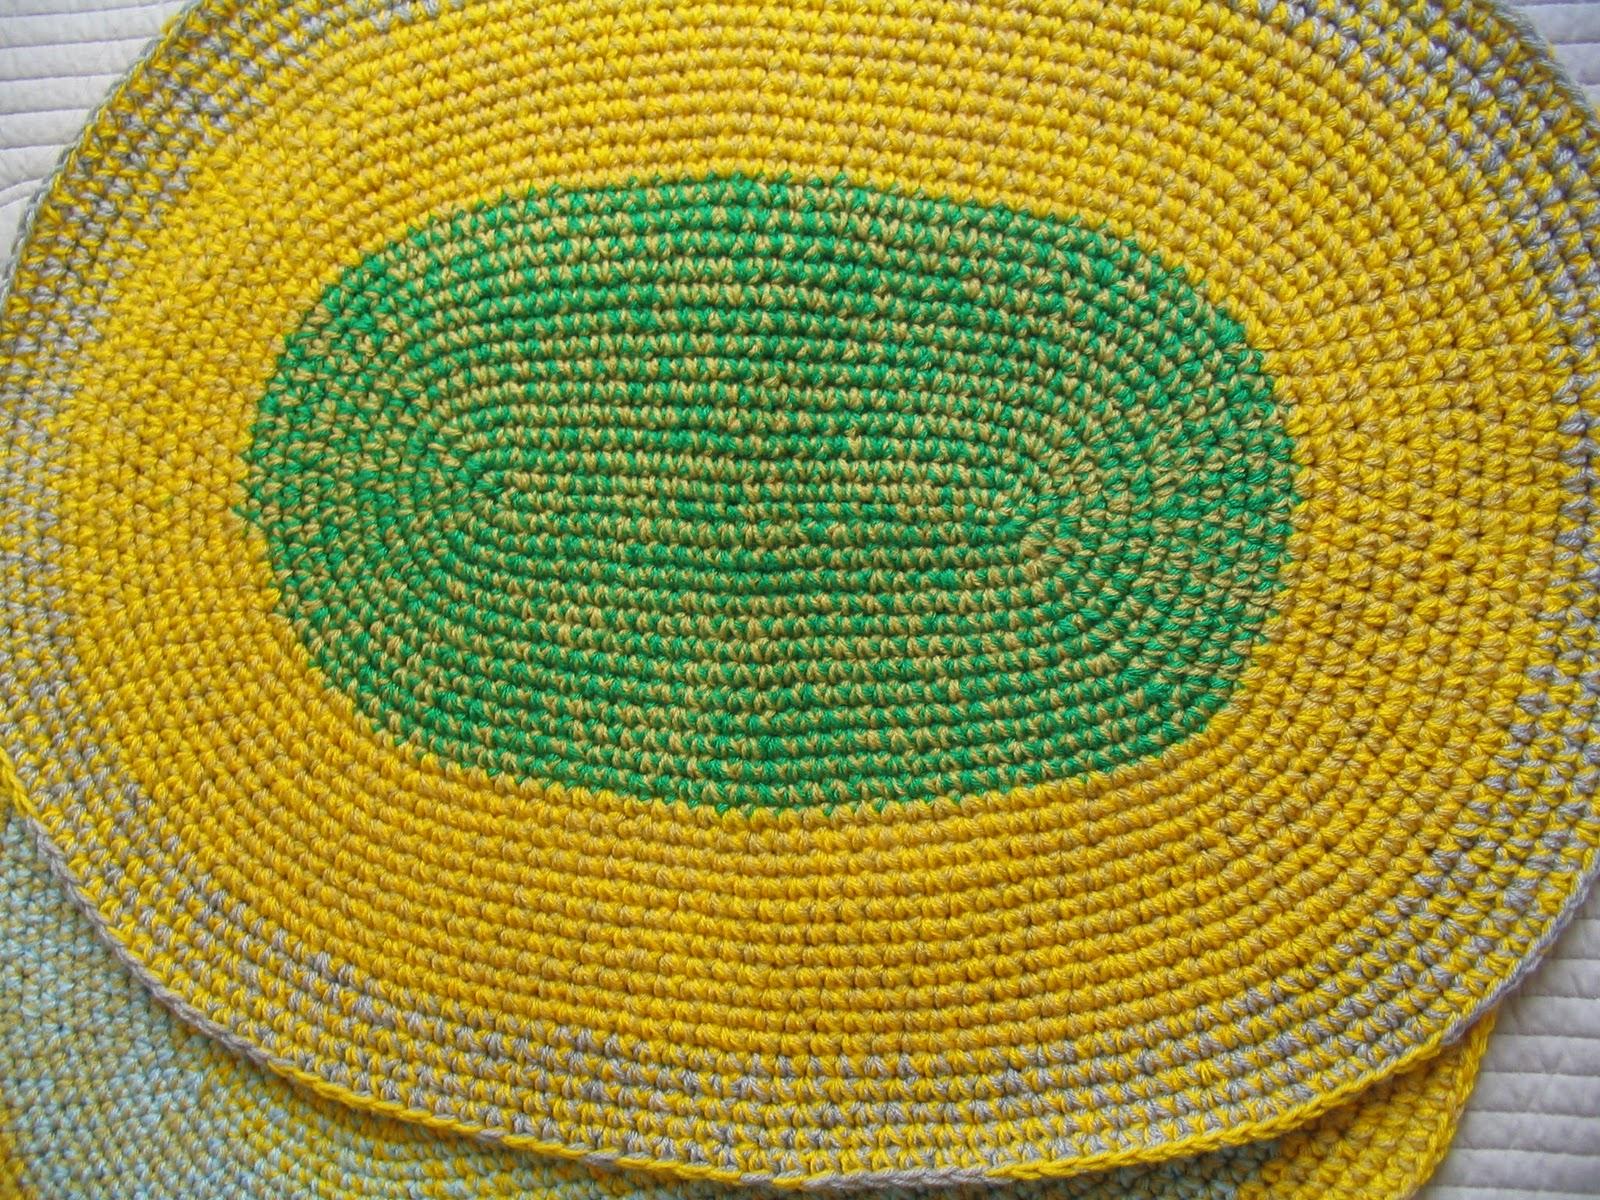 Puerta al sur servicio de alquiler de mobiliario tejido for Alfombras artesanales tejidas a mano